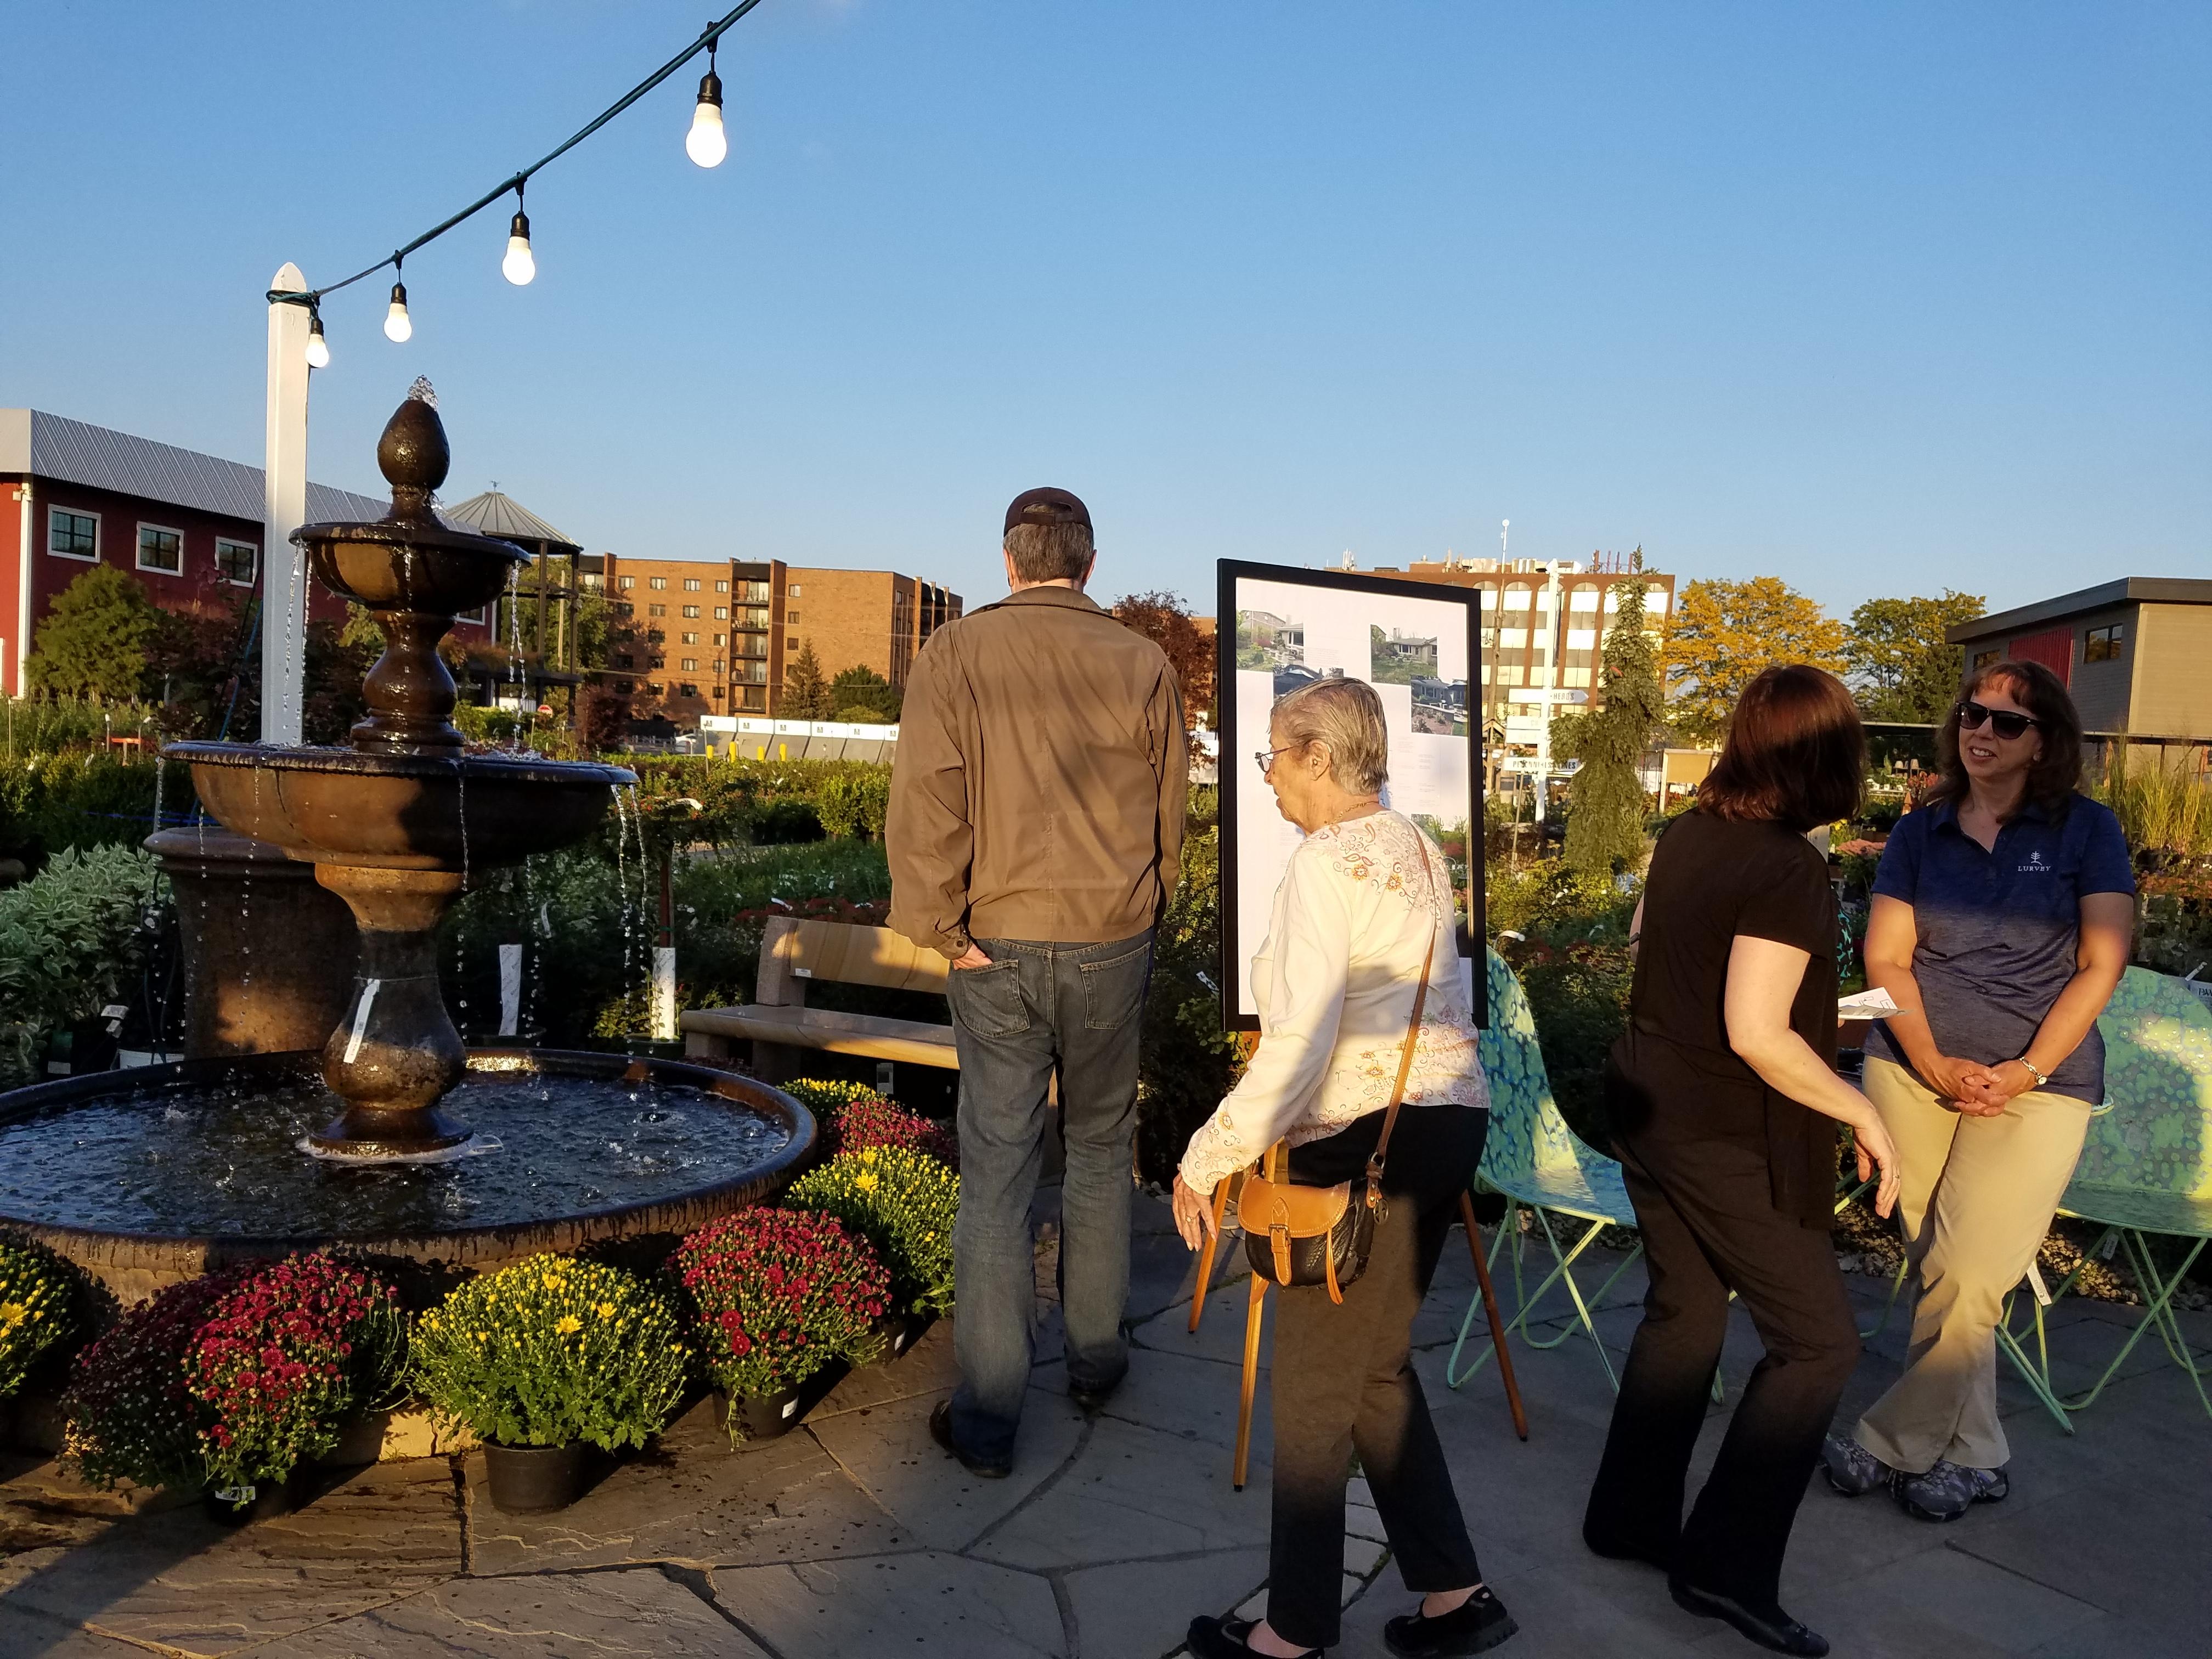 Garden Party Design Group